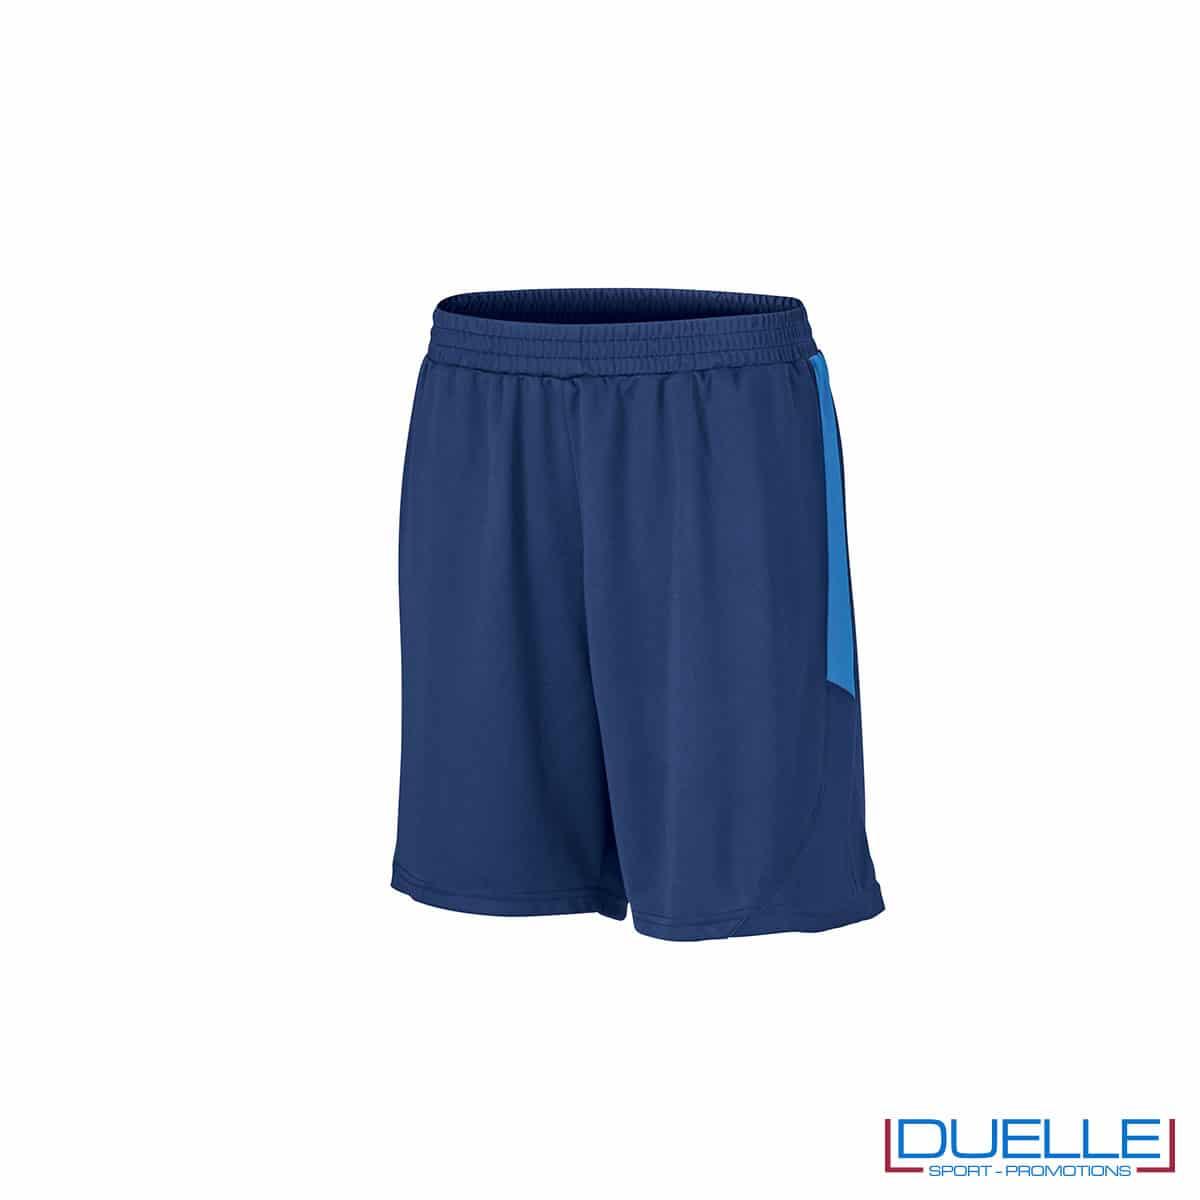 Pantaloncini calcio colore blu navy-azzurro personalizzati